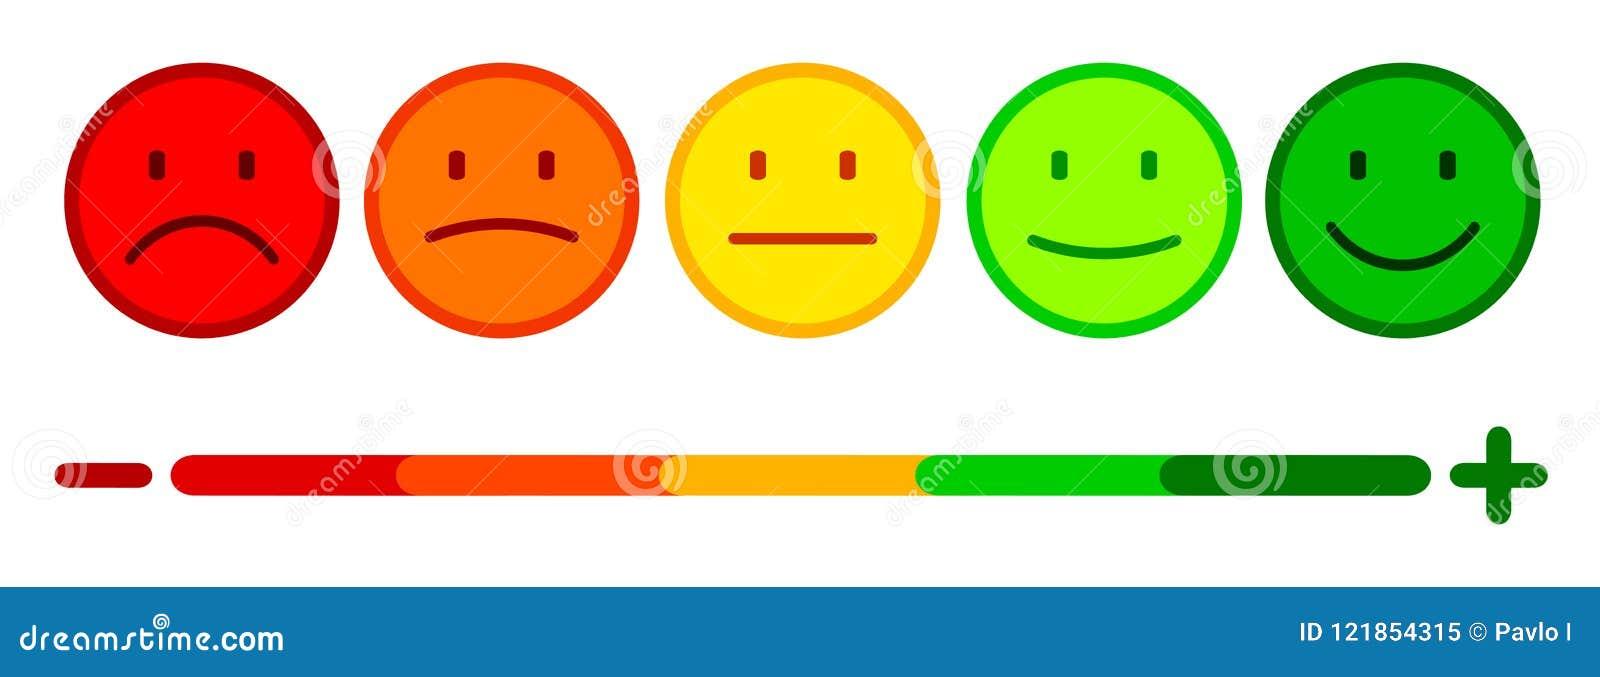 L évaluation par des émoticônes, a placé l émotion souriante, par des smilies, des émoticônes de bande dessinée - vecteur